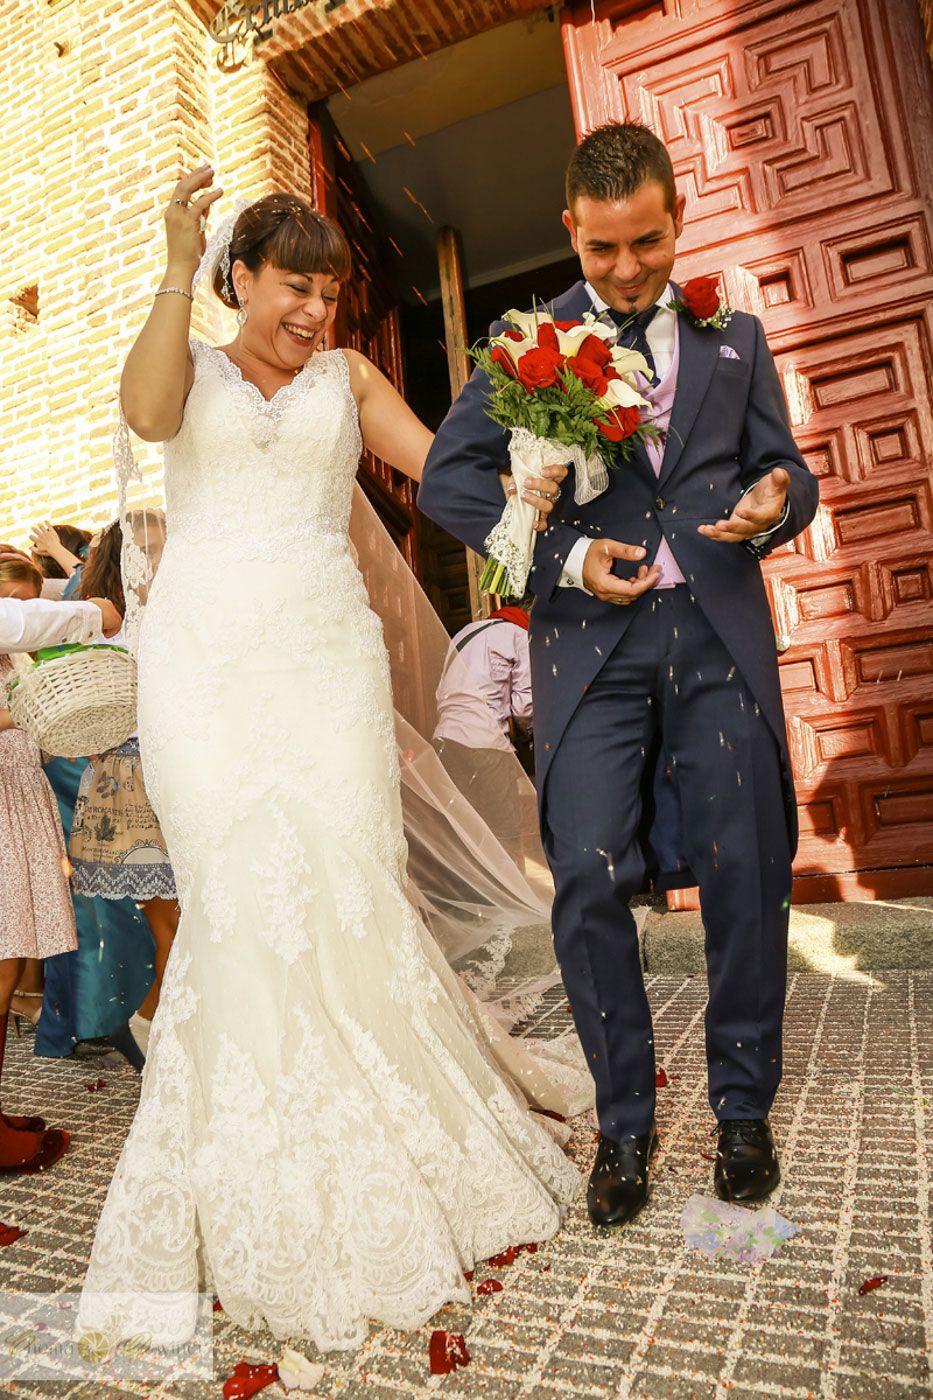 _MG_1362-iglesia-boda-lbertoypili-chemaydavinci-wb